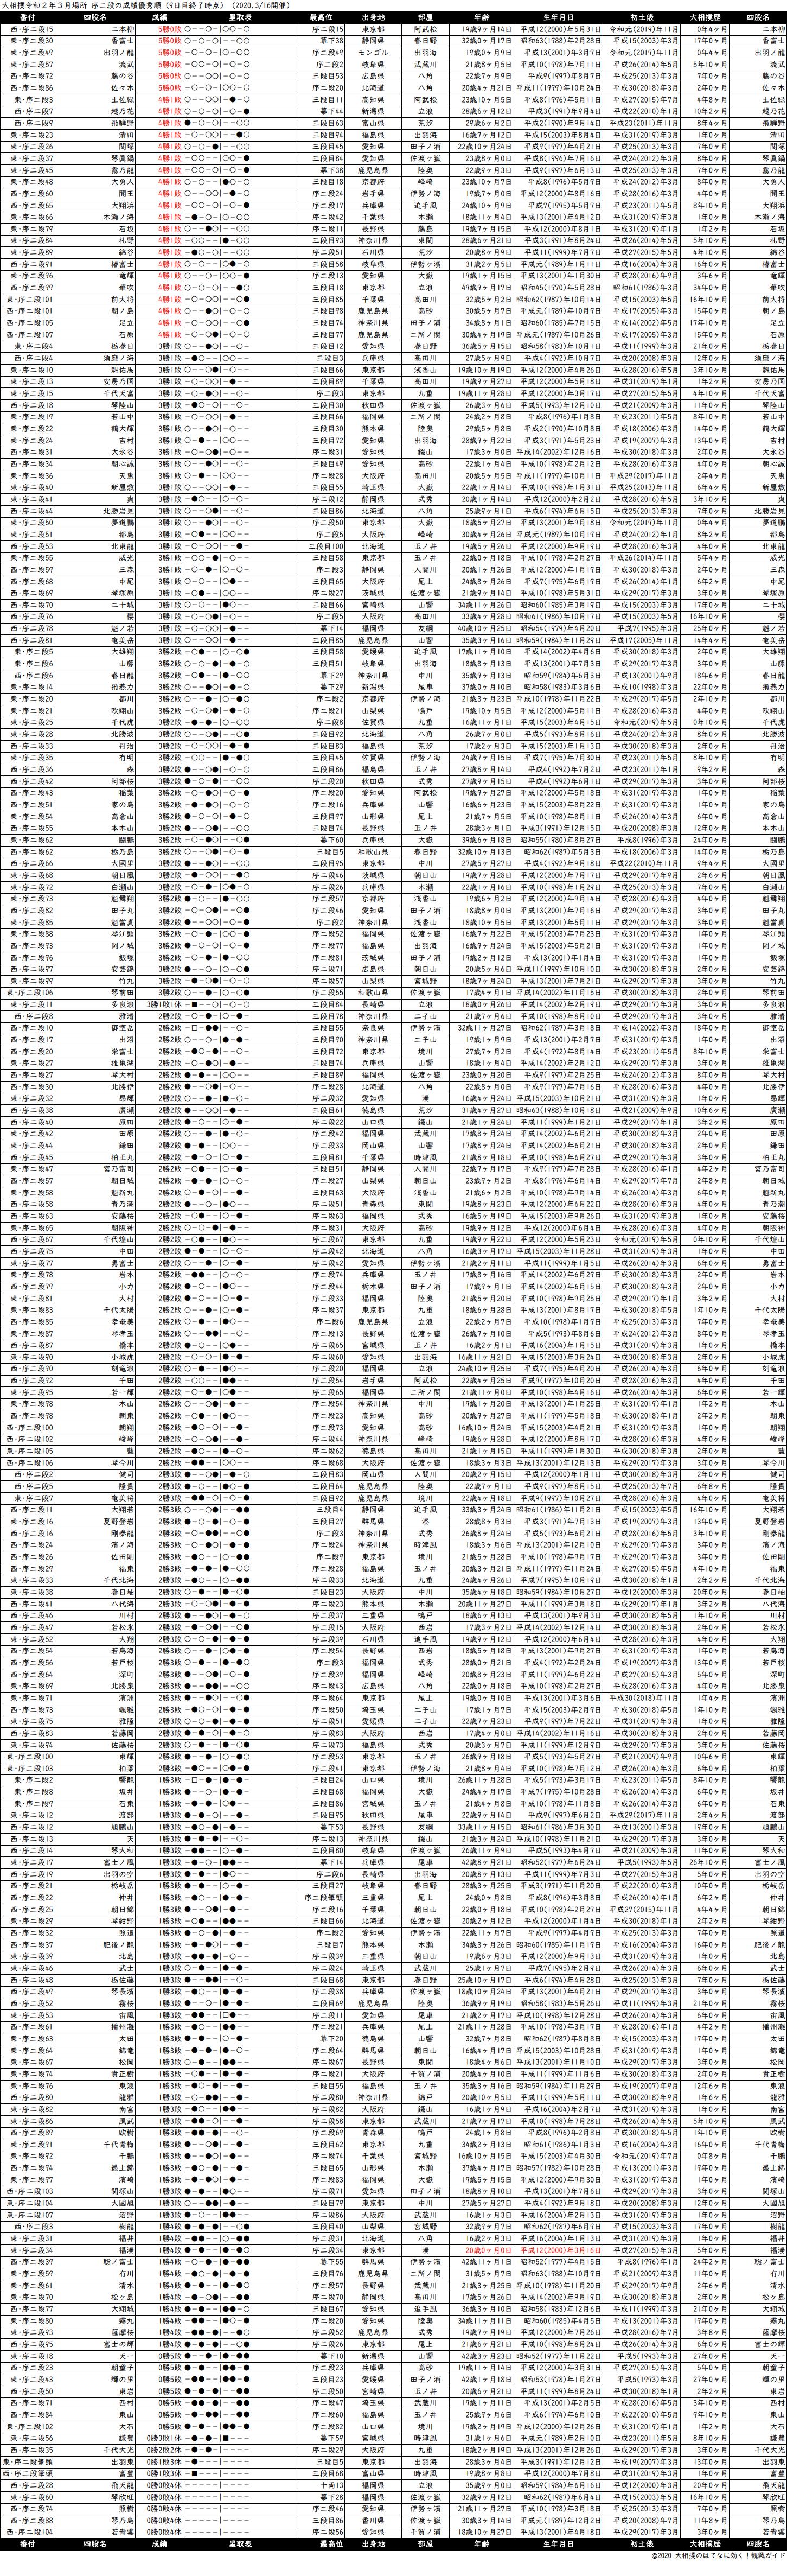 序二段成績順一覧表・2020年3月場所9日目